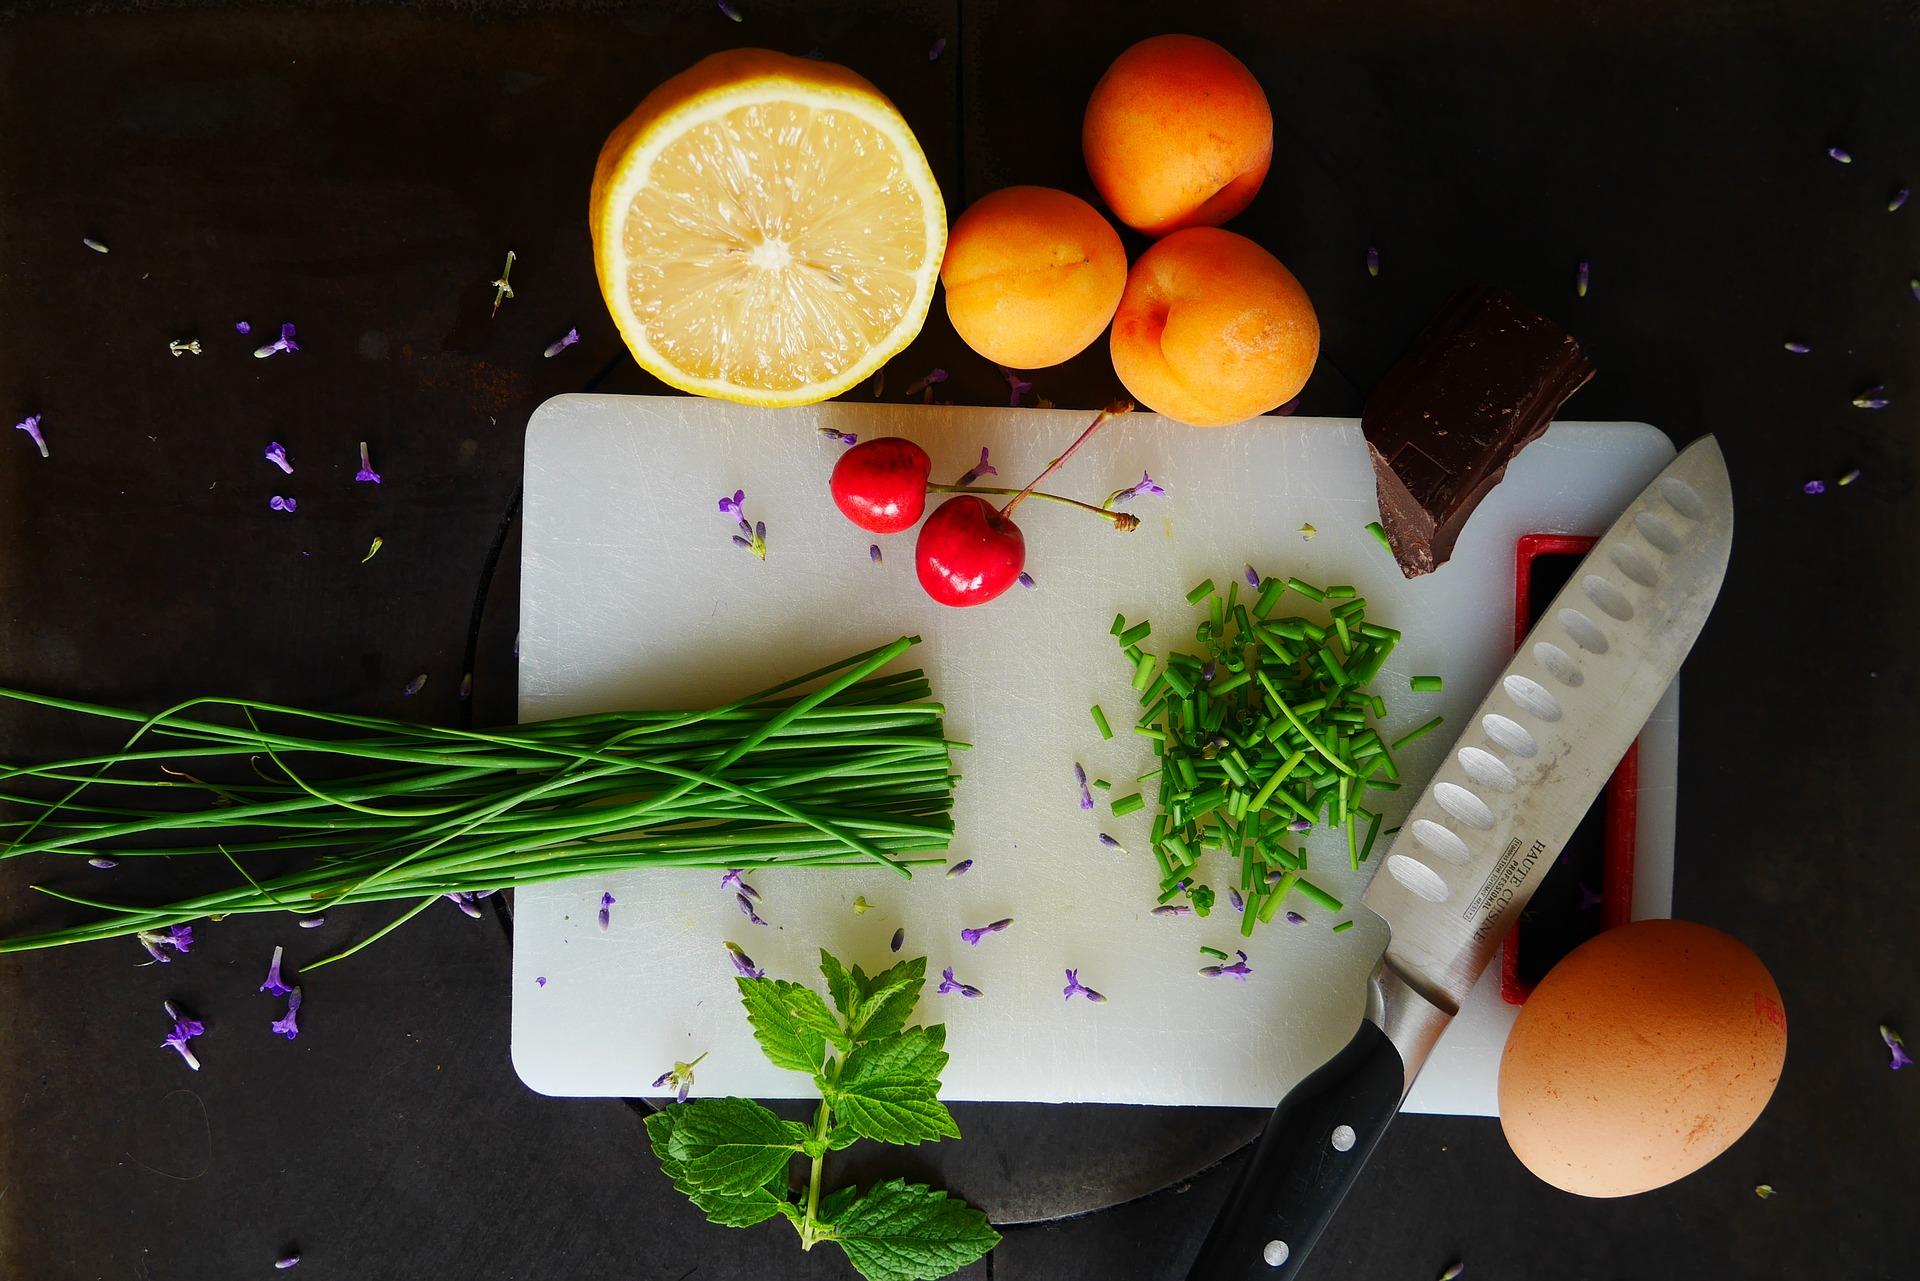 Drømmer du om at starte din egen madblog?